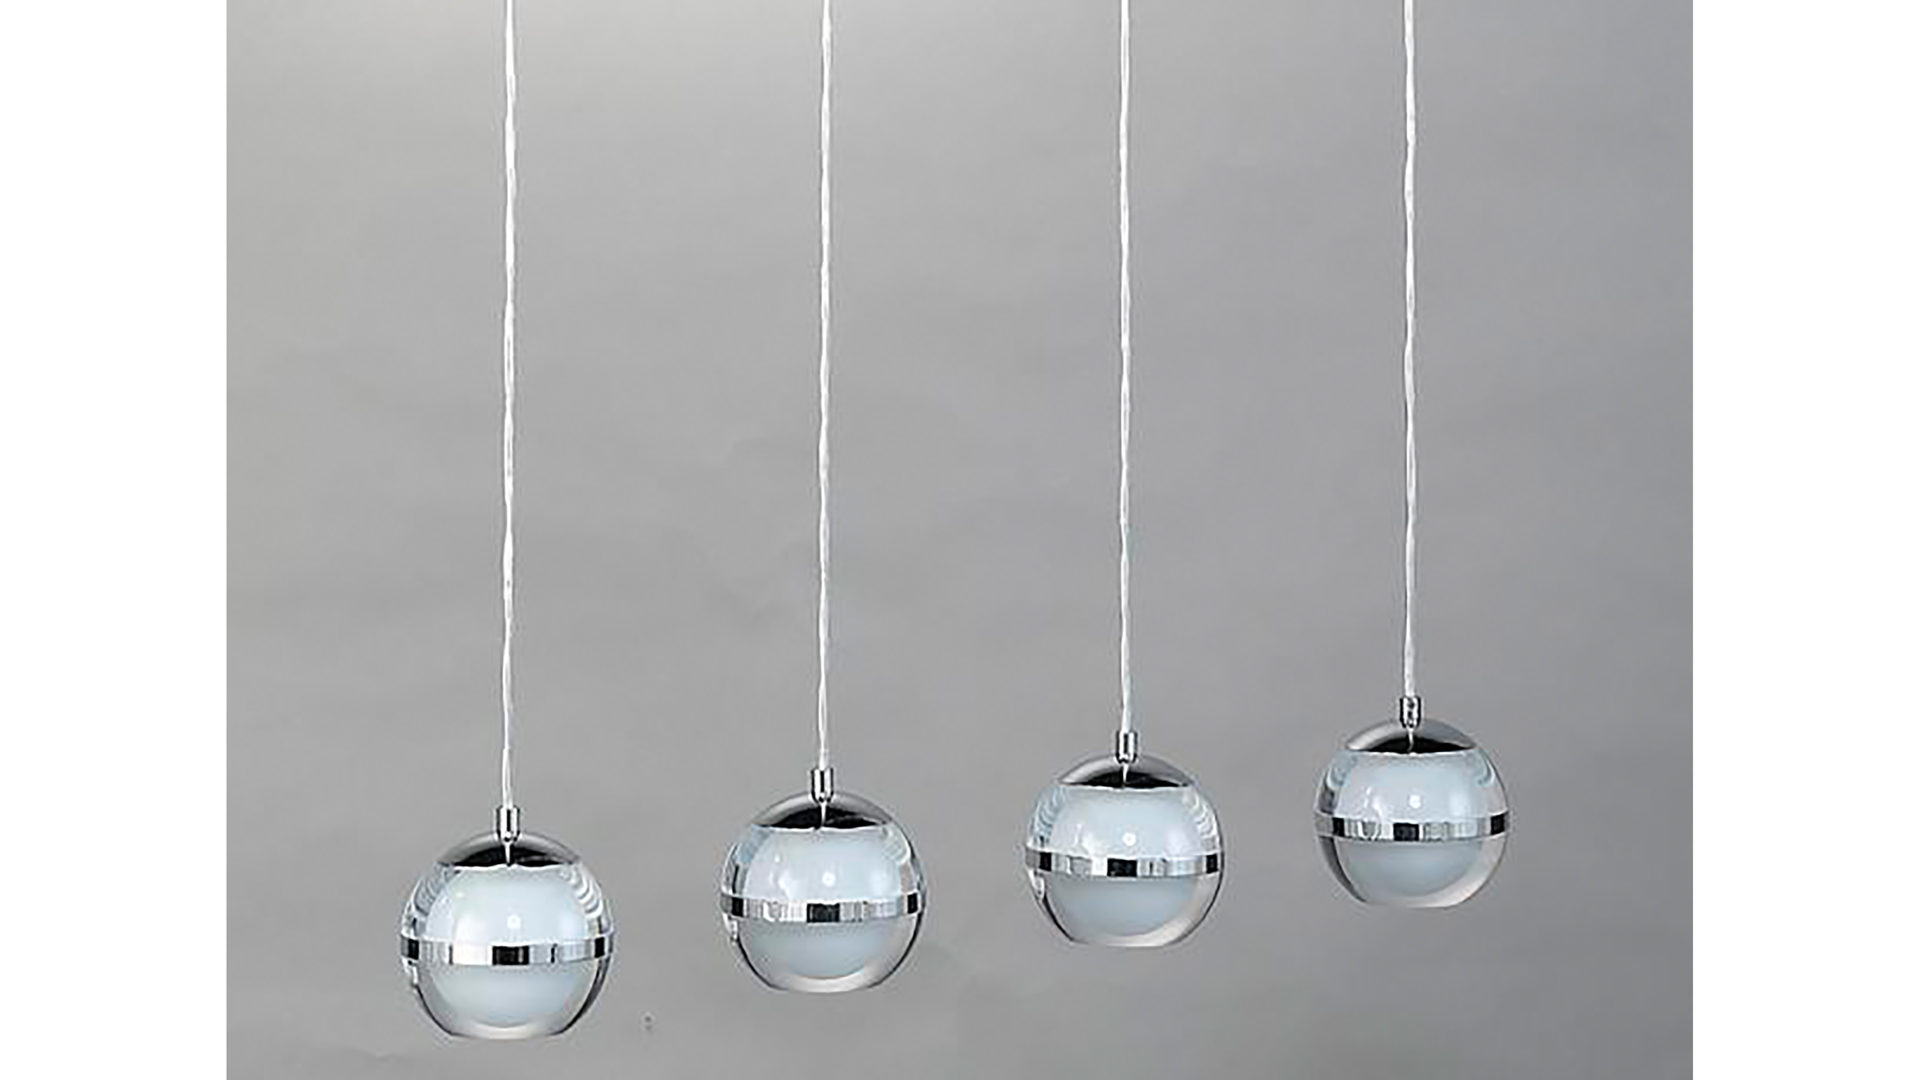 Pendelleuchte Bad möbel angermüller bad neustadt salz licht inspirationen design